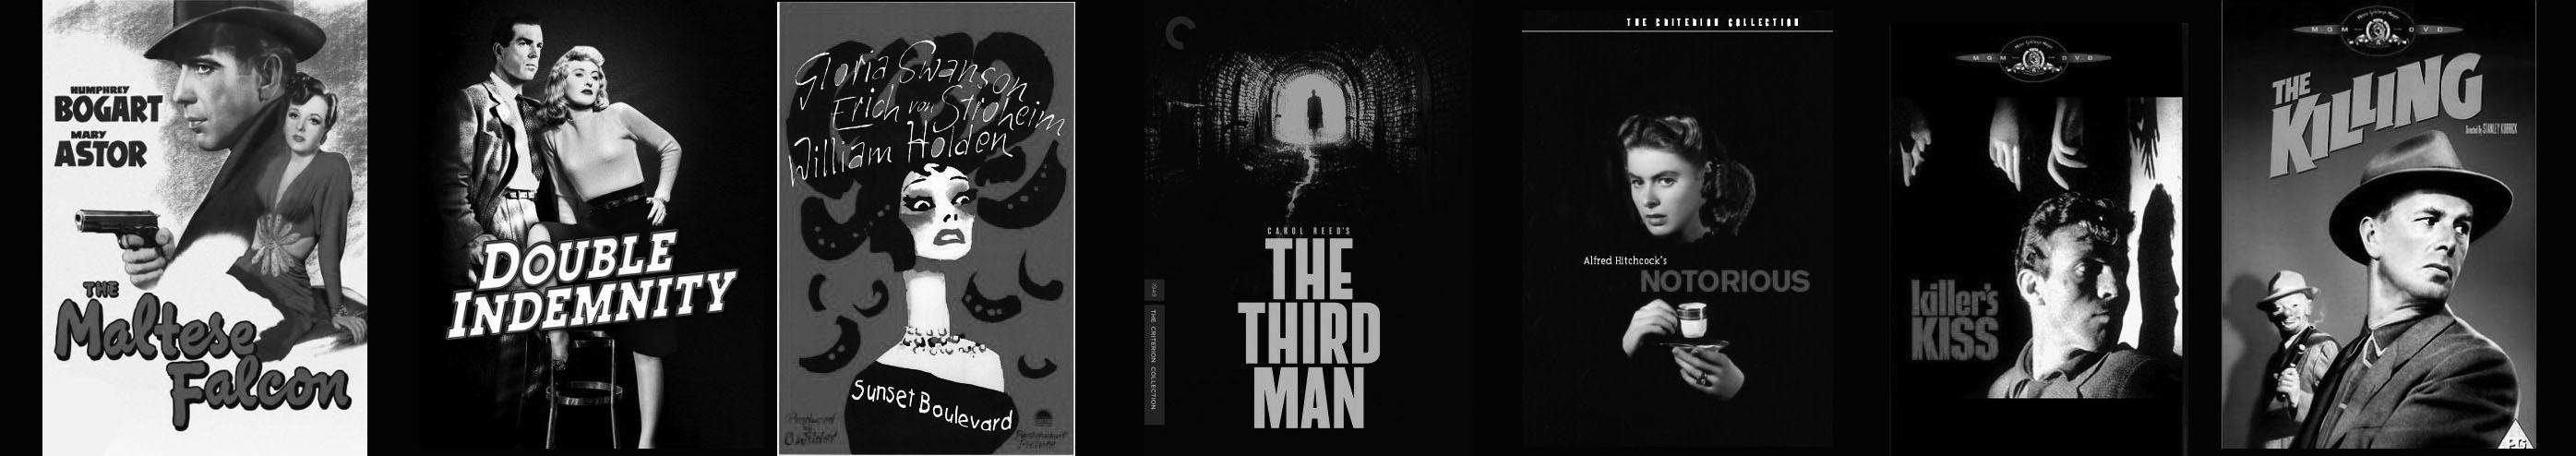 فیلم نوآر film noir